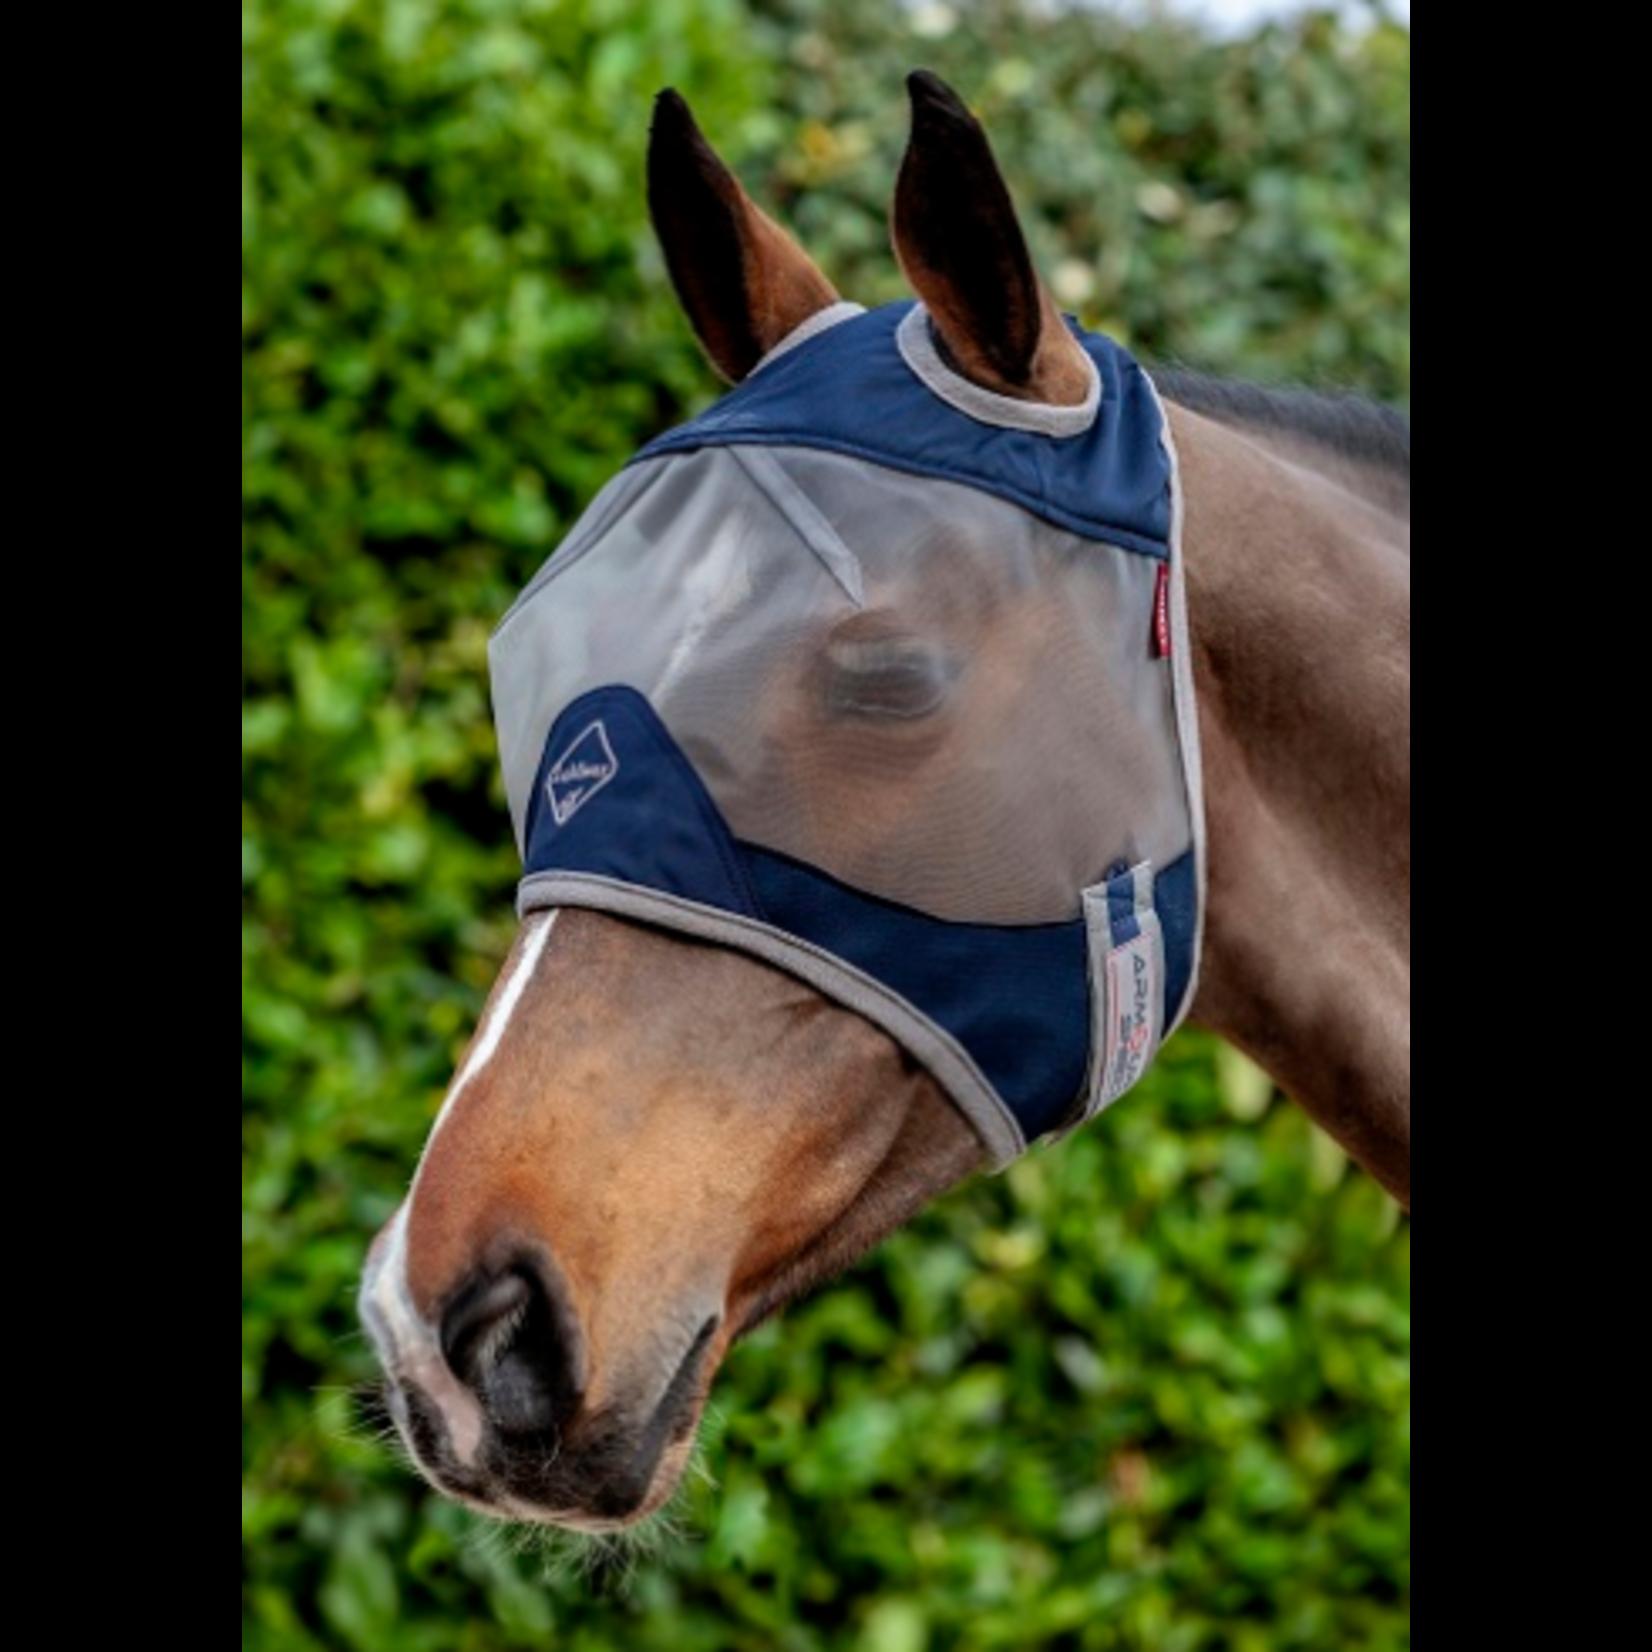 LeMieux Lemieux vliegenmasker zonder oren en zonder neus